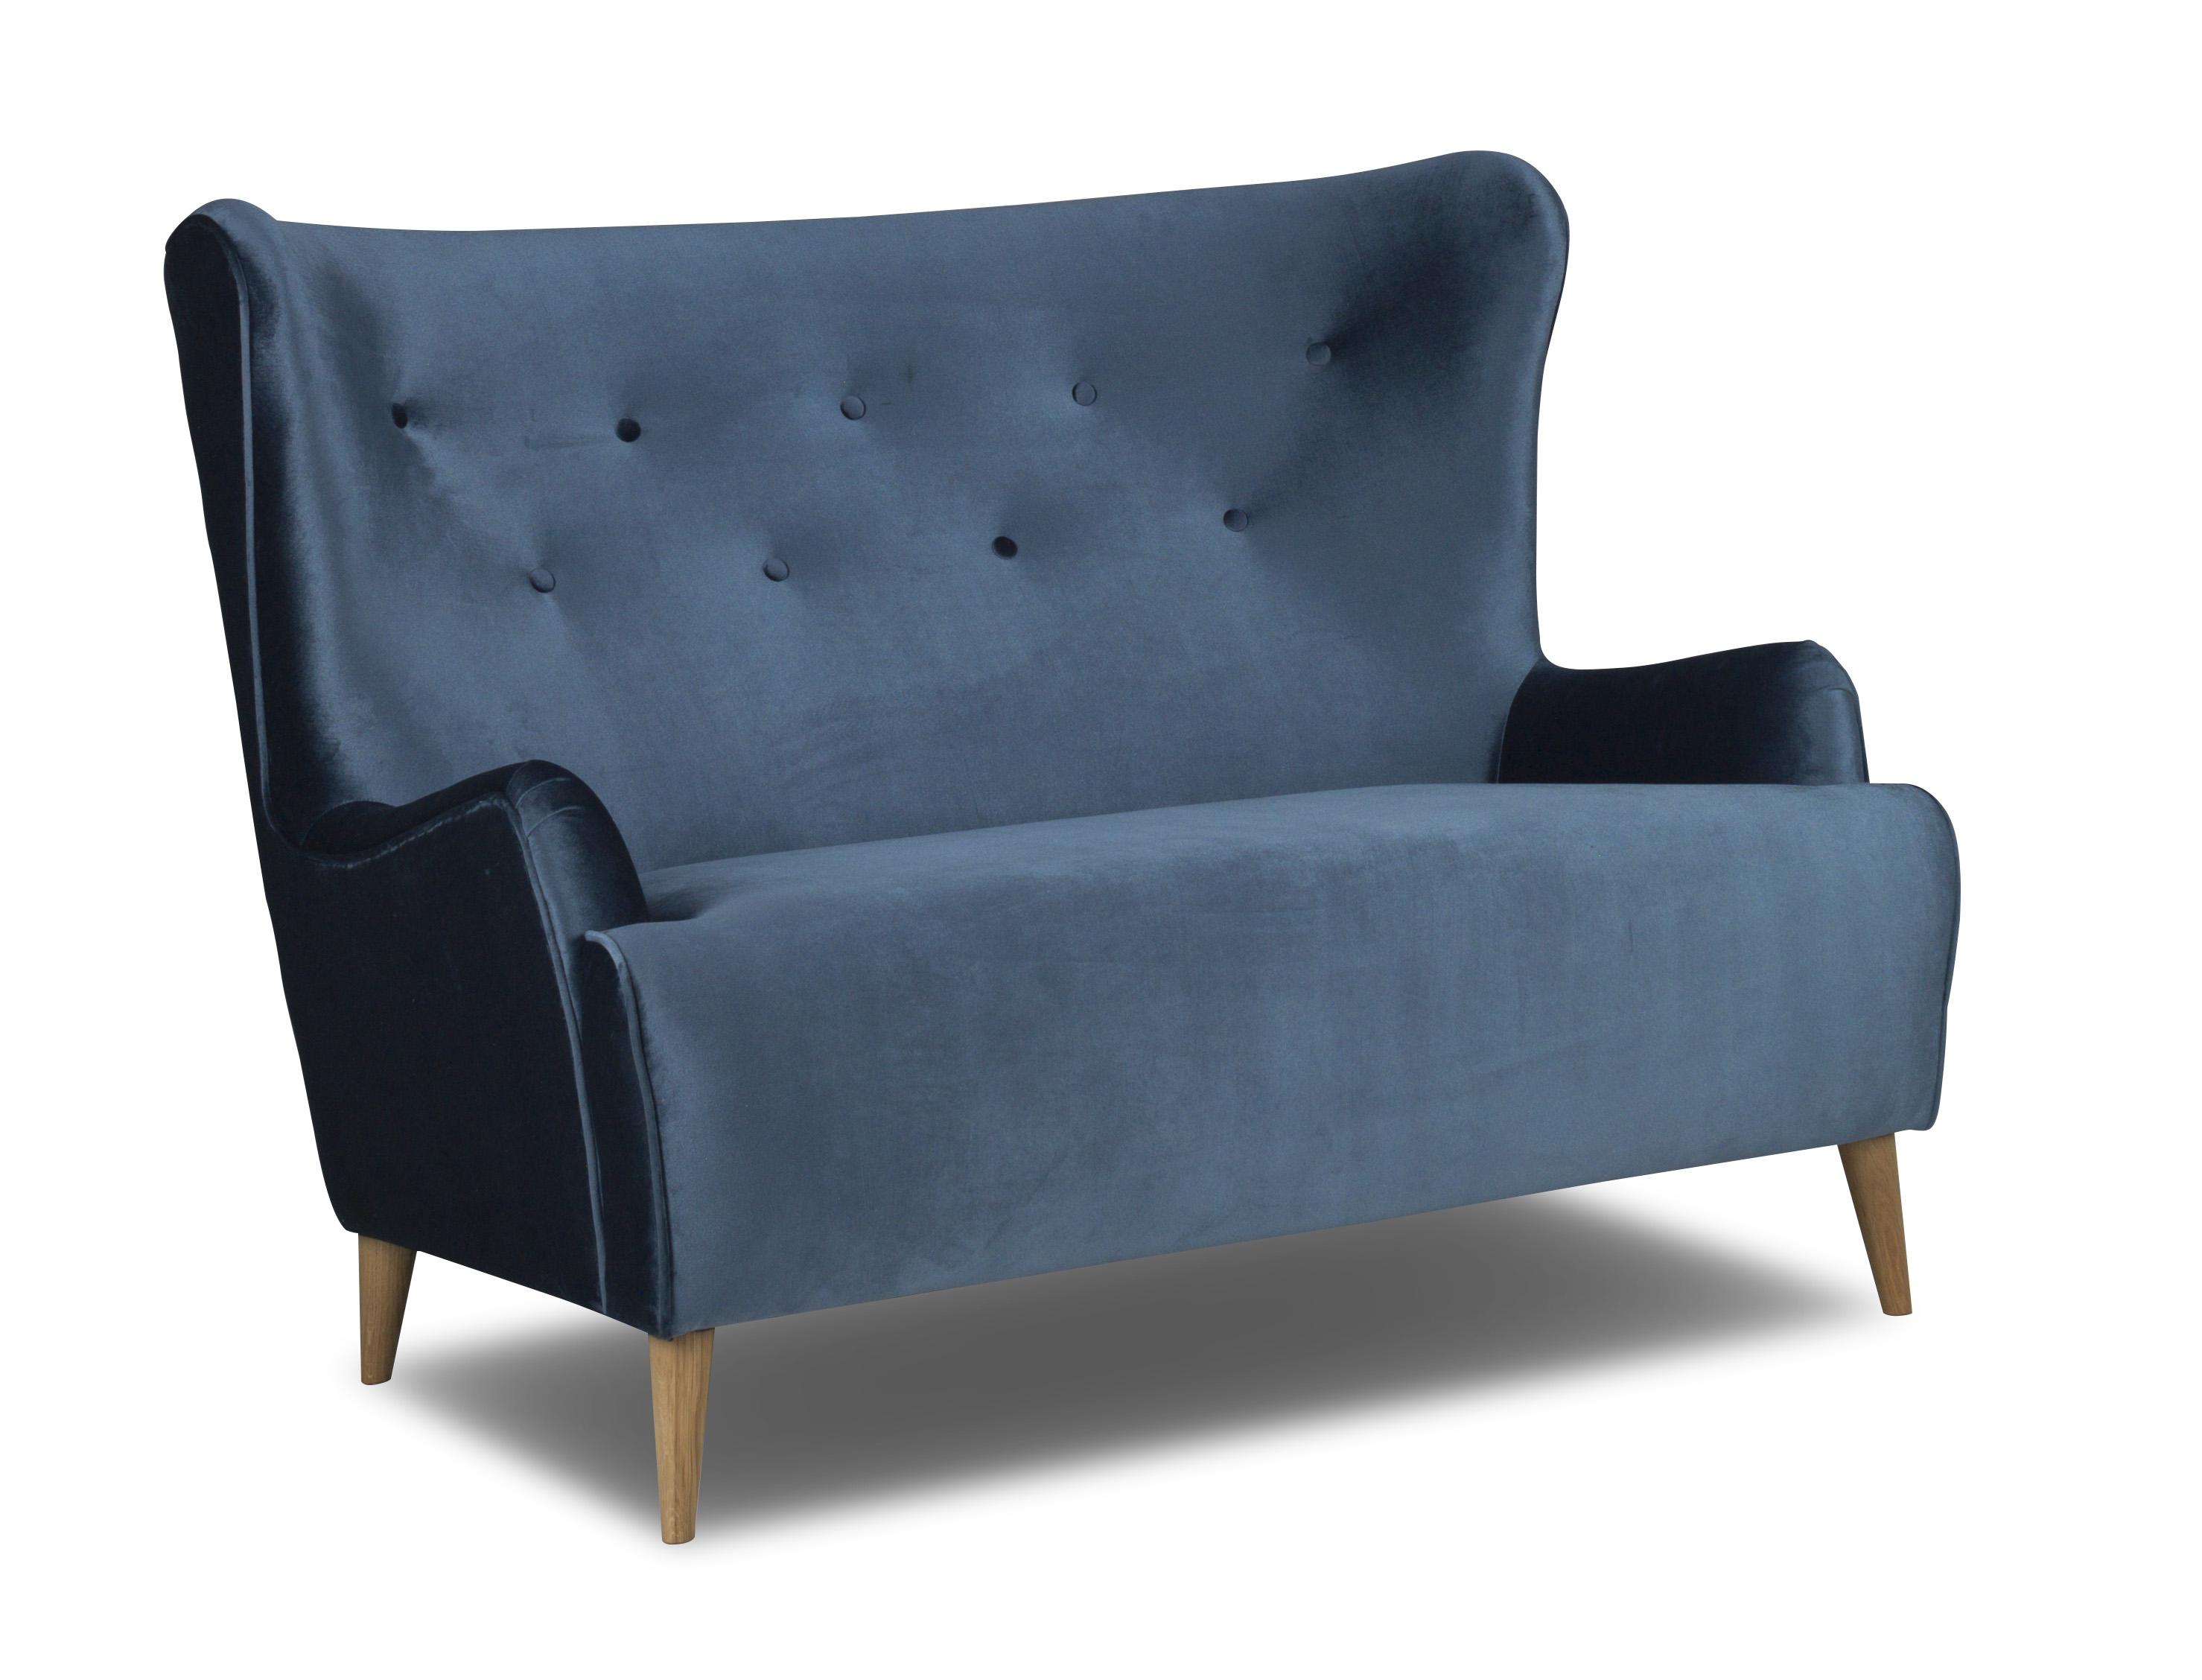 Canapea fixa Lizbona